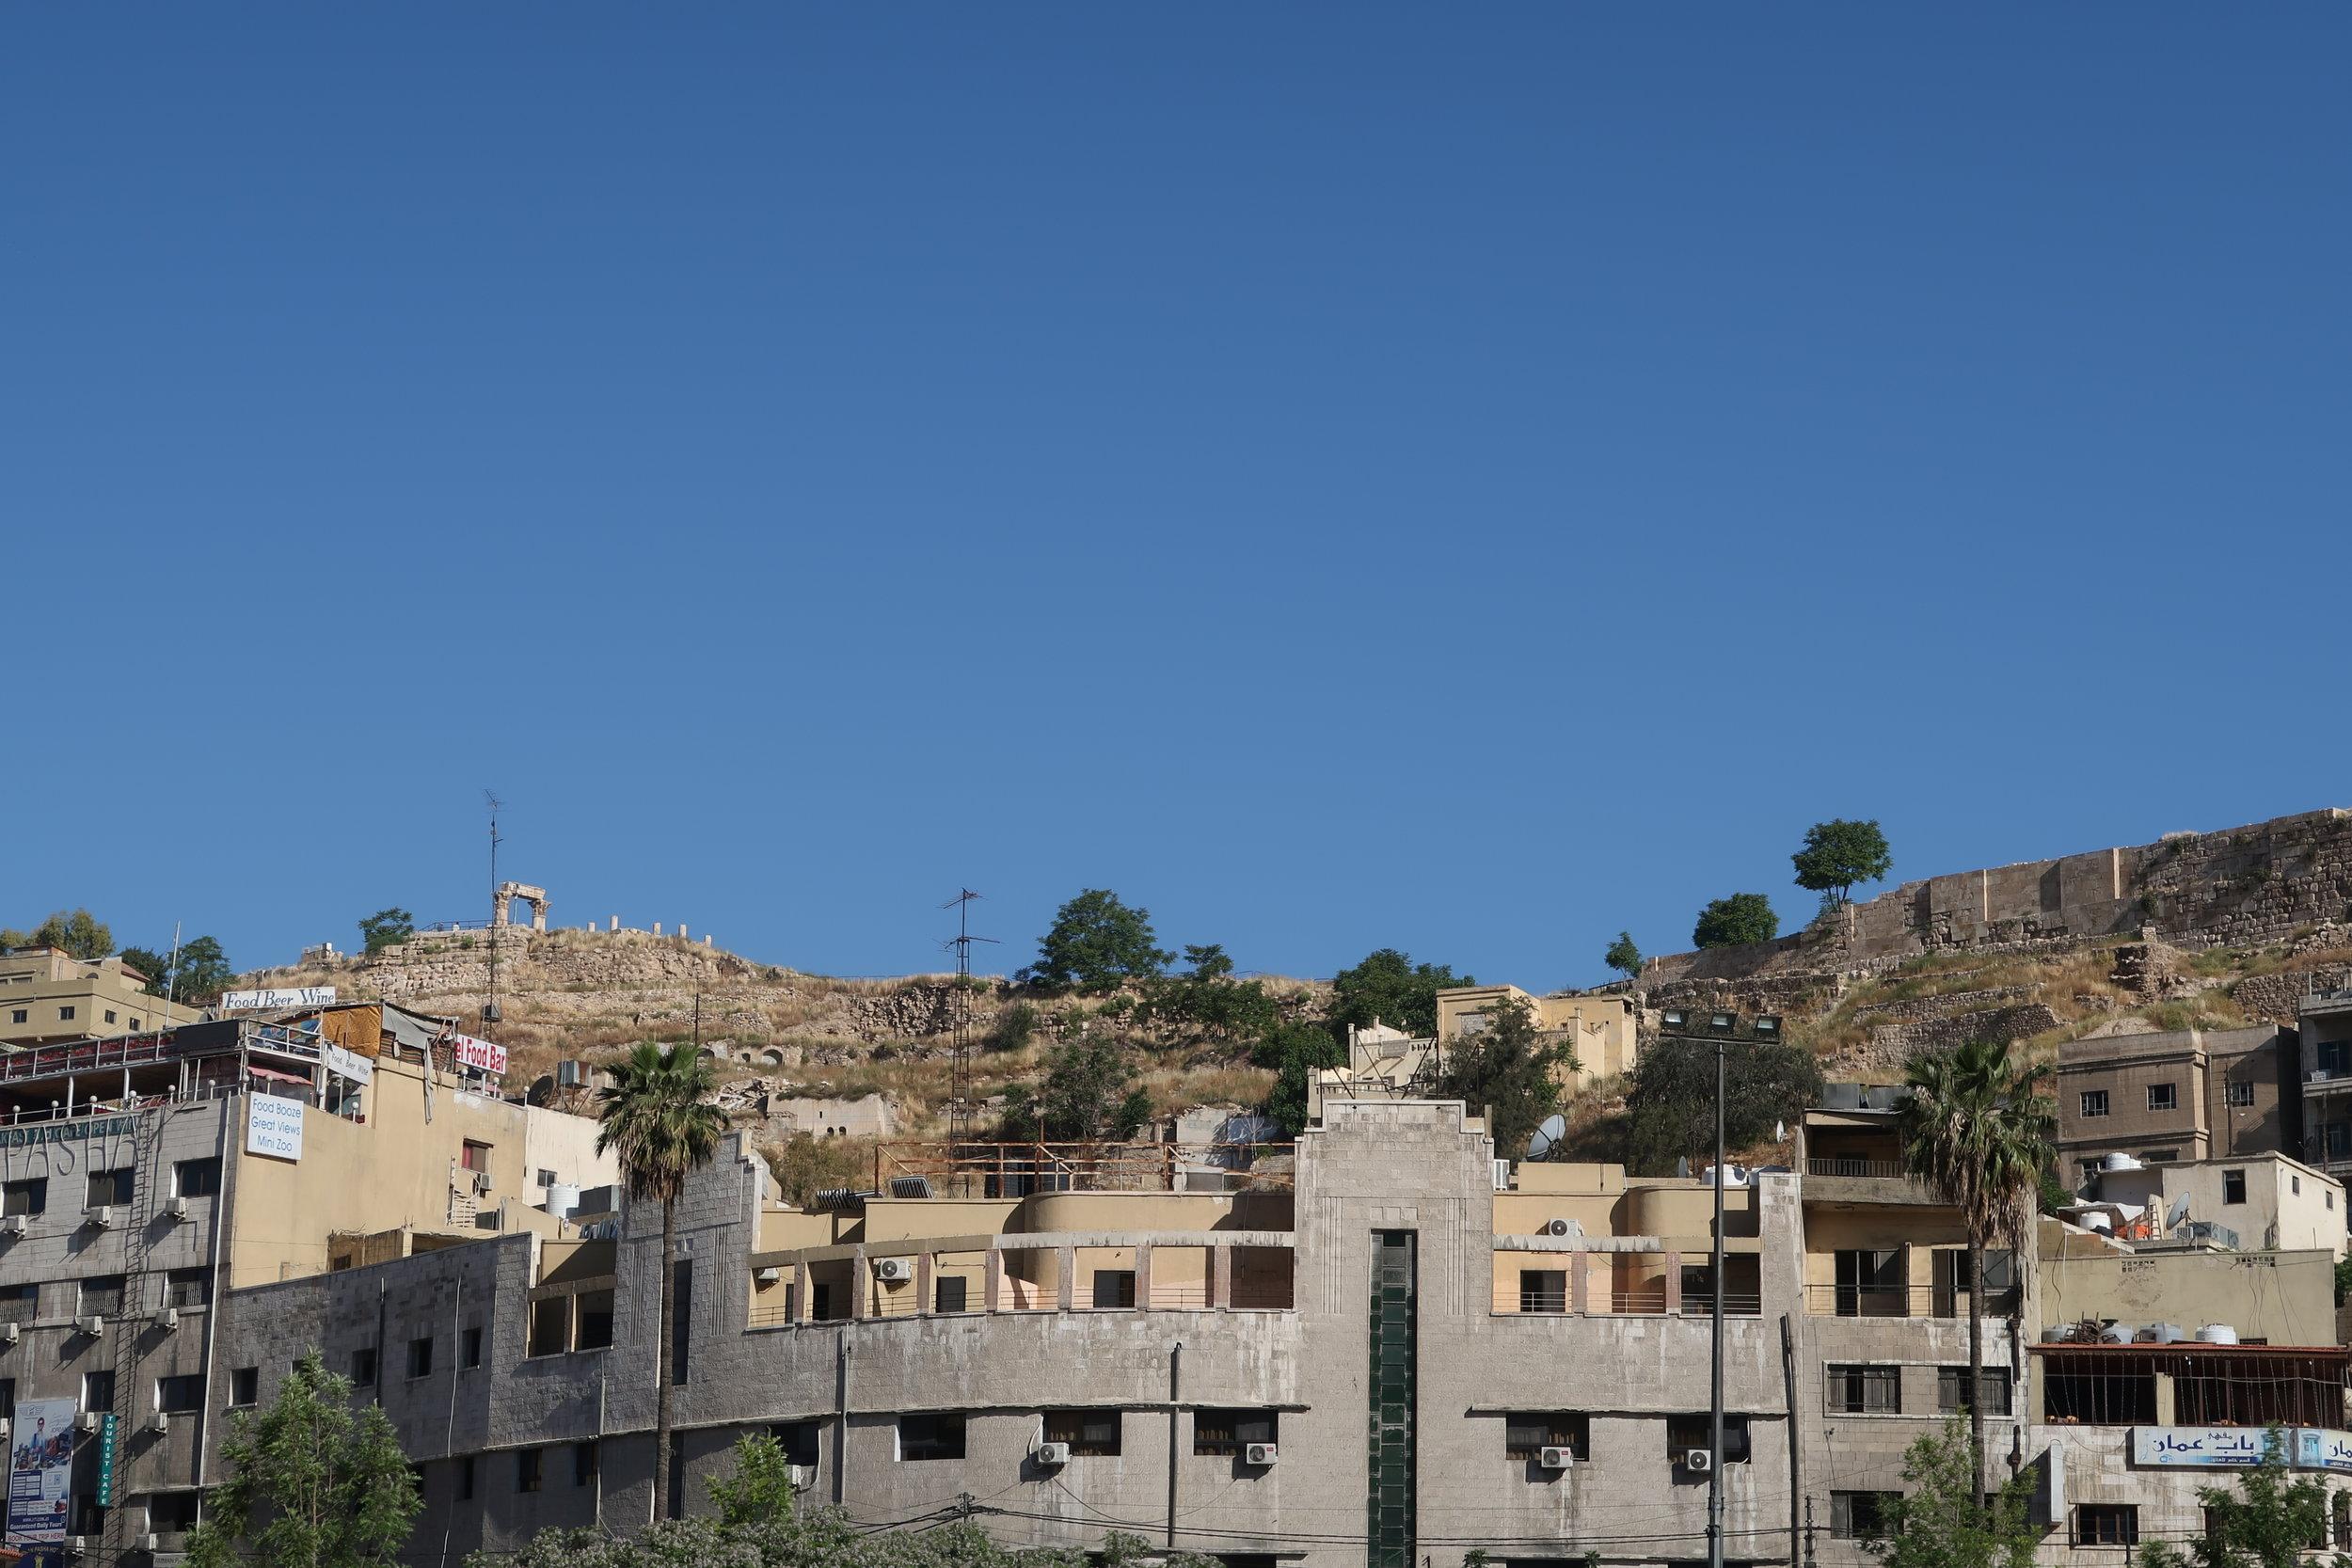 upsouth-mingmingfeng-jordan-travel-amman-day2-old-town-01.JPG